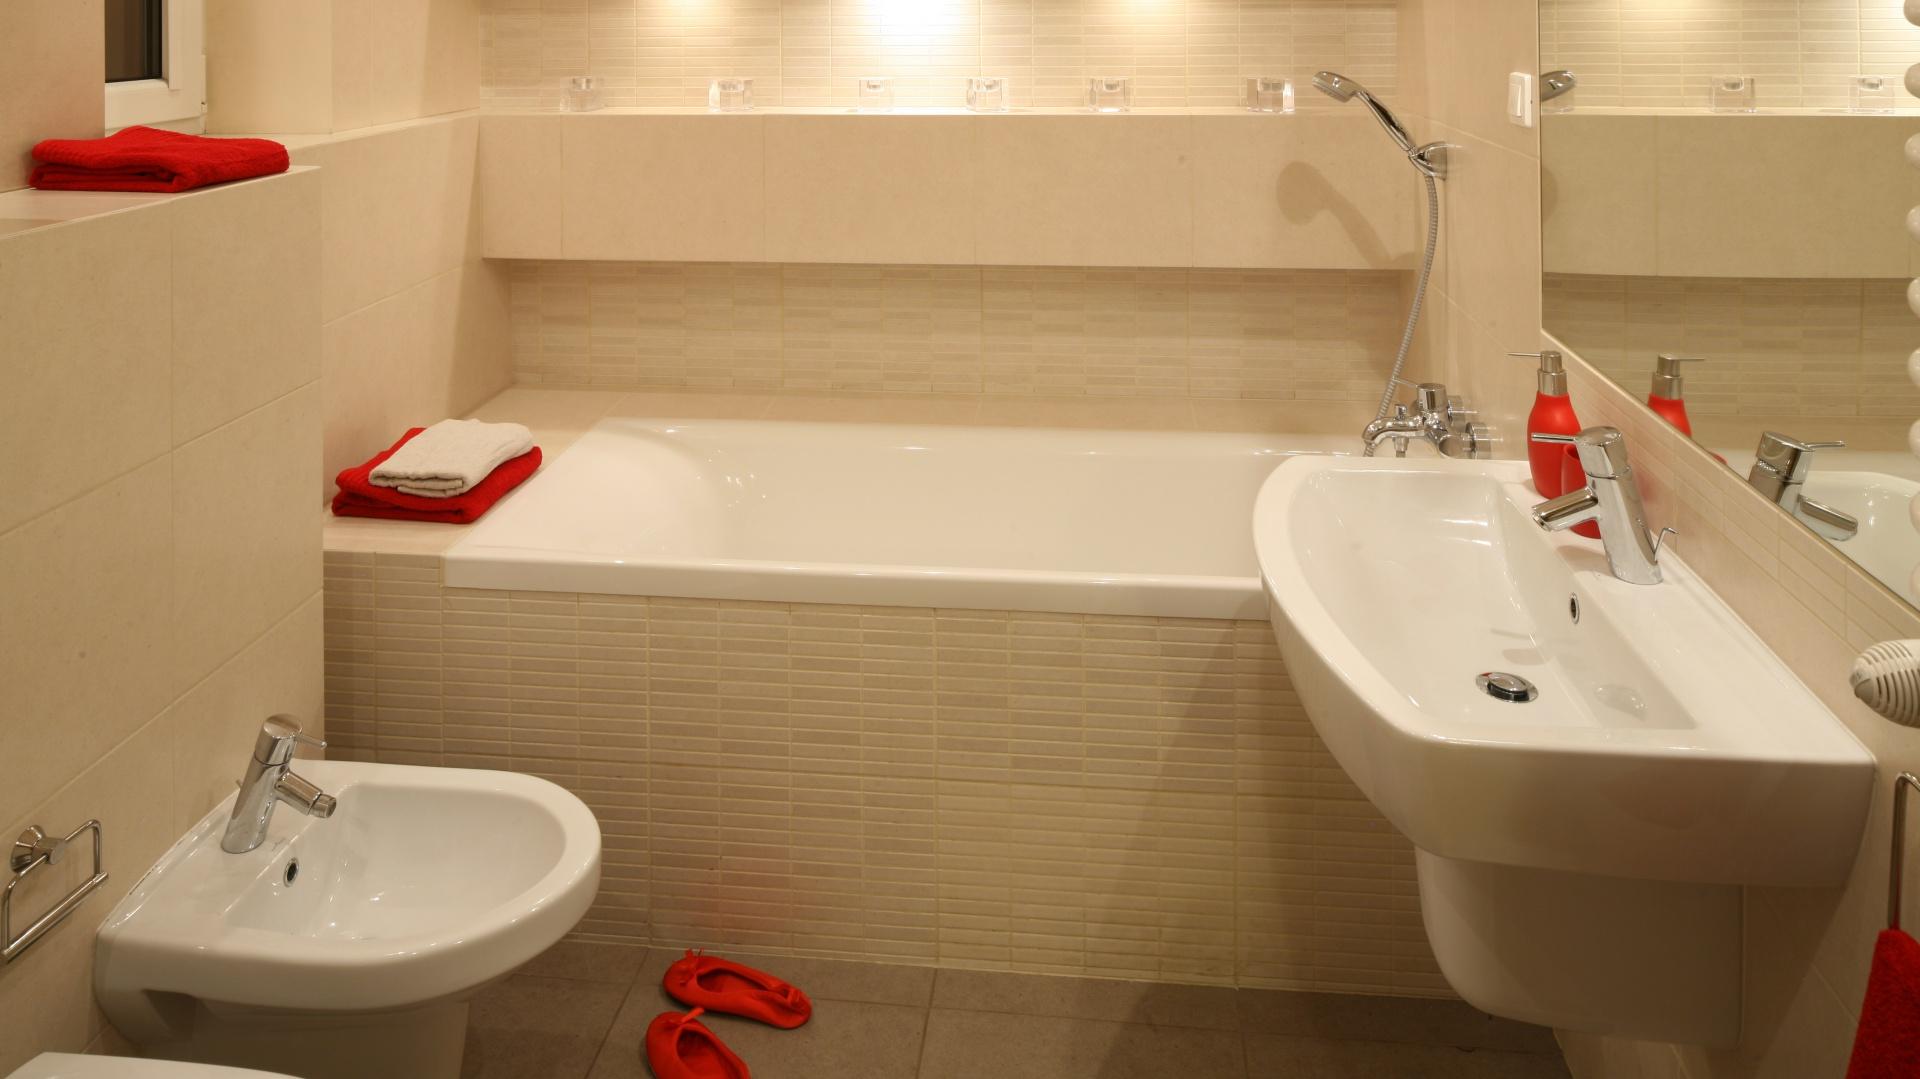 Łazienka została zaaranżowana w jasnych, neutralnych beżach.  Wybór  tej kolorystki, nie tylko pozwolił optycznie powiększyć przestrzeń, ale też stworzyć w łazience nastrój sprzyjający wypoczynkowi i relaksacji. Projekt Iza Szewc. Fot. Bartosz Jarosz.